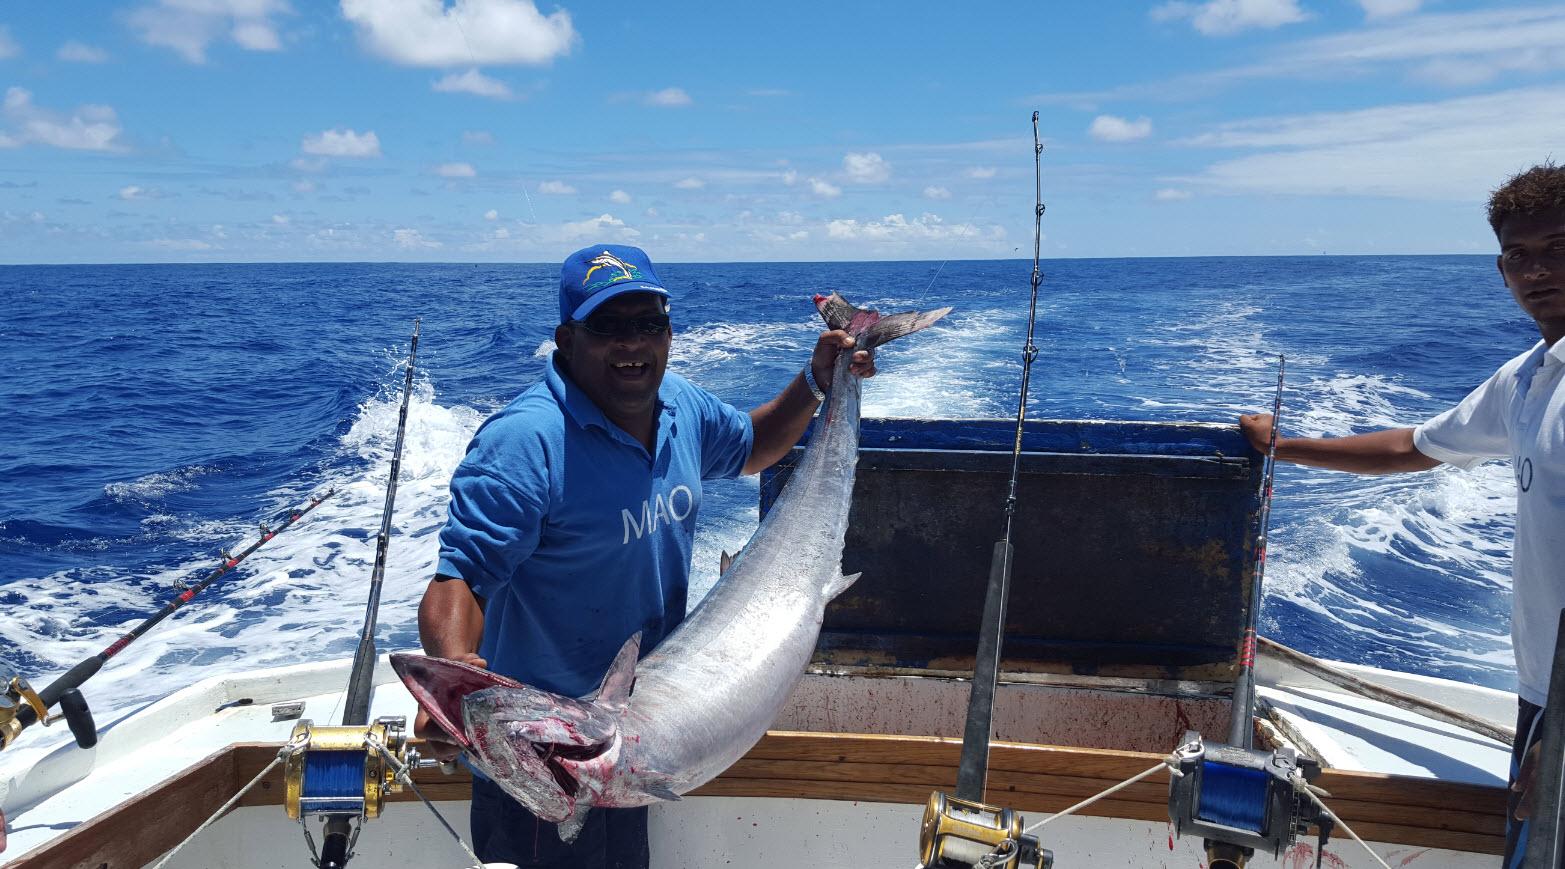 Peche d'un poisson de 40 kilos